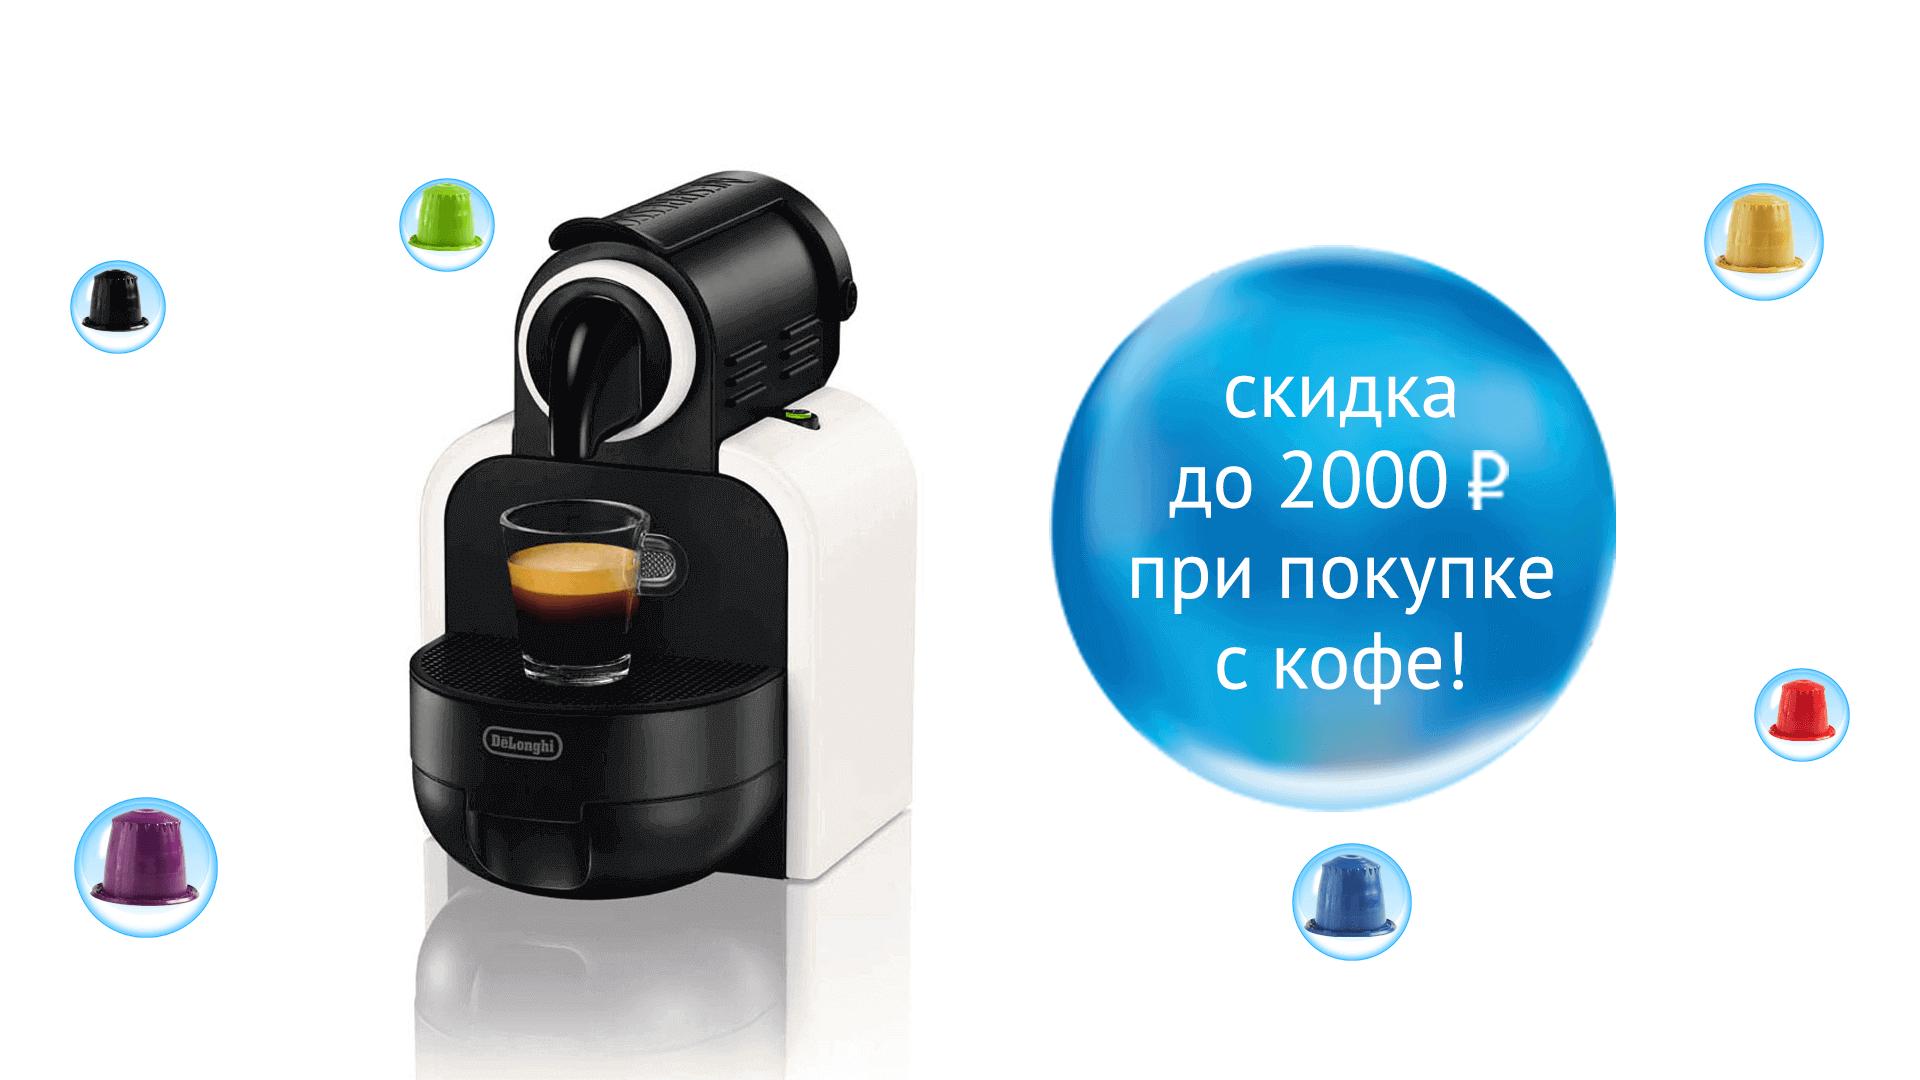 Кофемашина Delonghi Nespresso Essenza со скидкой до 2000 рублей при покупке с кофе